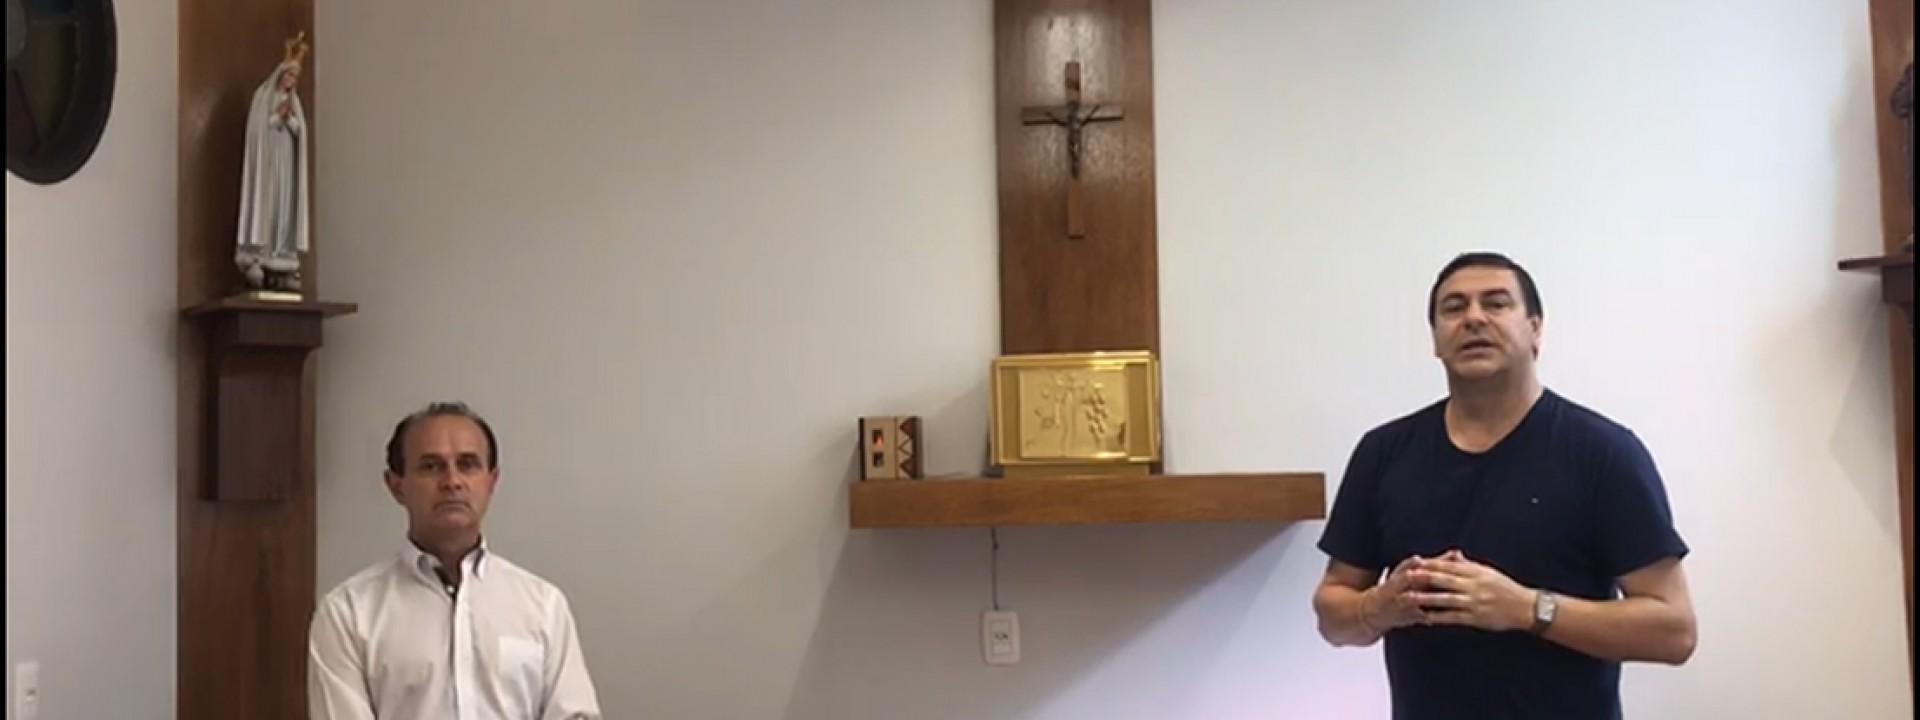 paroquia-sao-pedro-de-garibaldi-mantem-as-igrejas-fechadas-em-preservacao-a-vida_10_3548.jpg